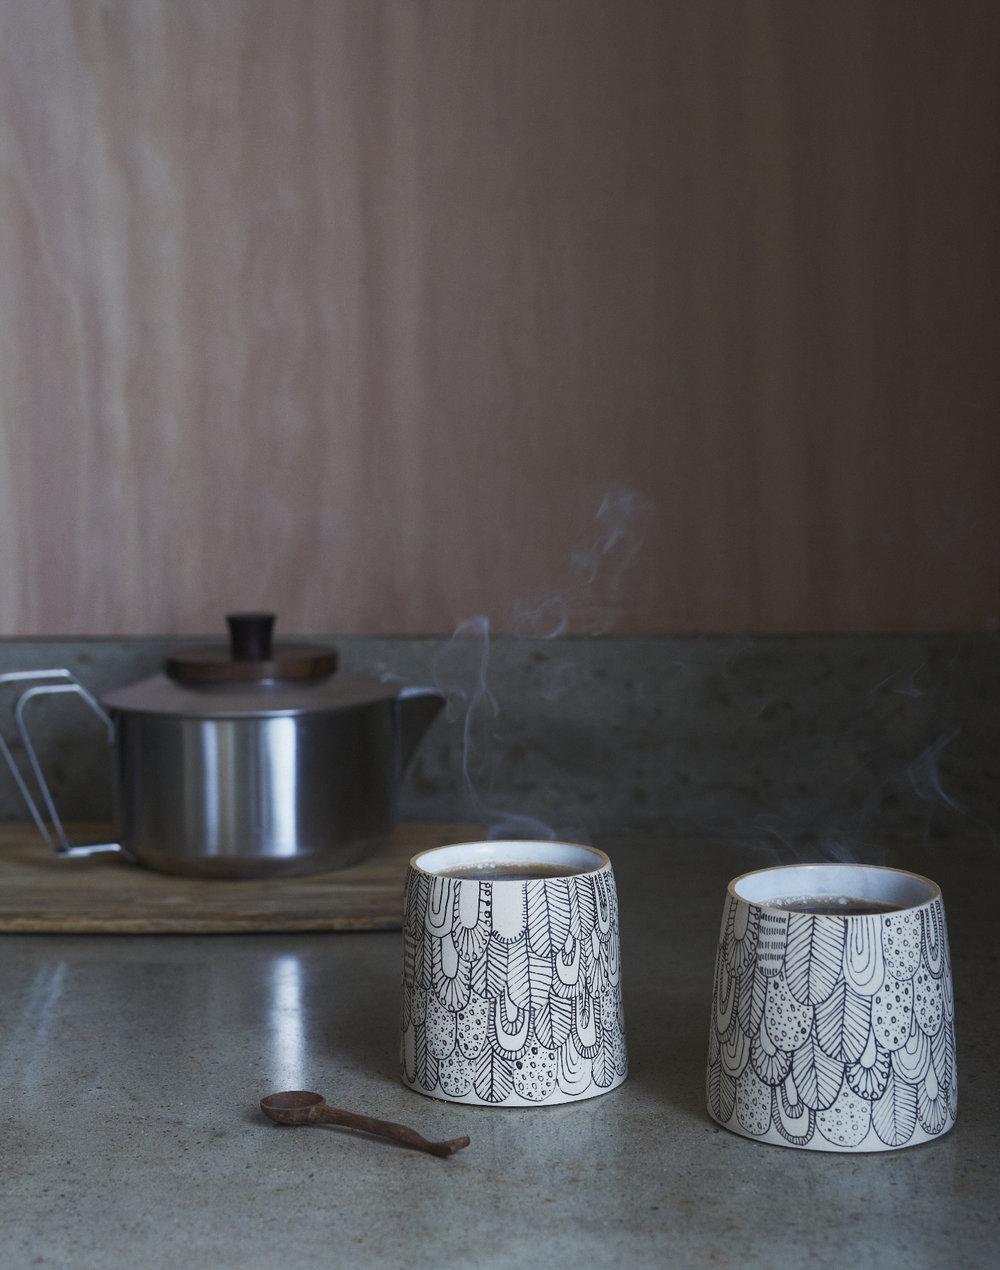 Muck Ceramics x Abigail Edwards limited edition small Bird vessels